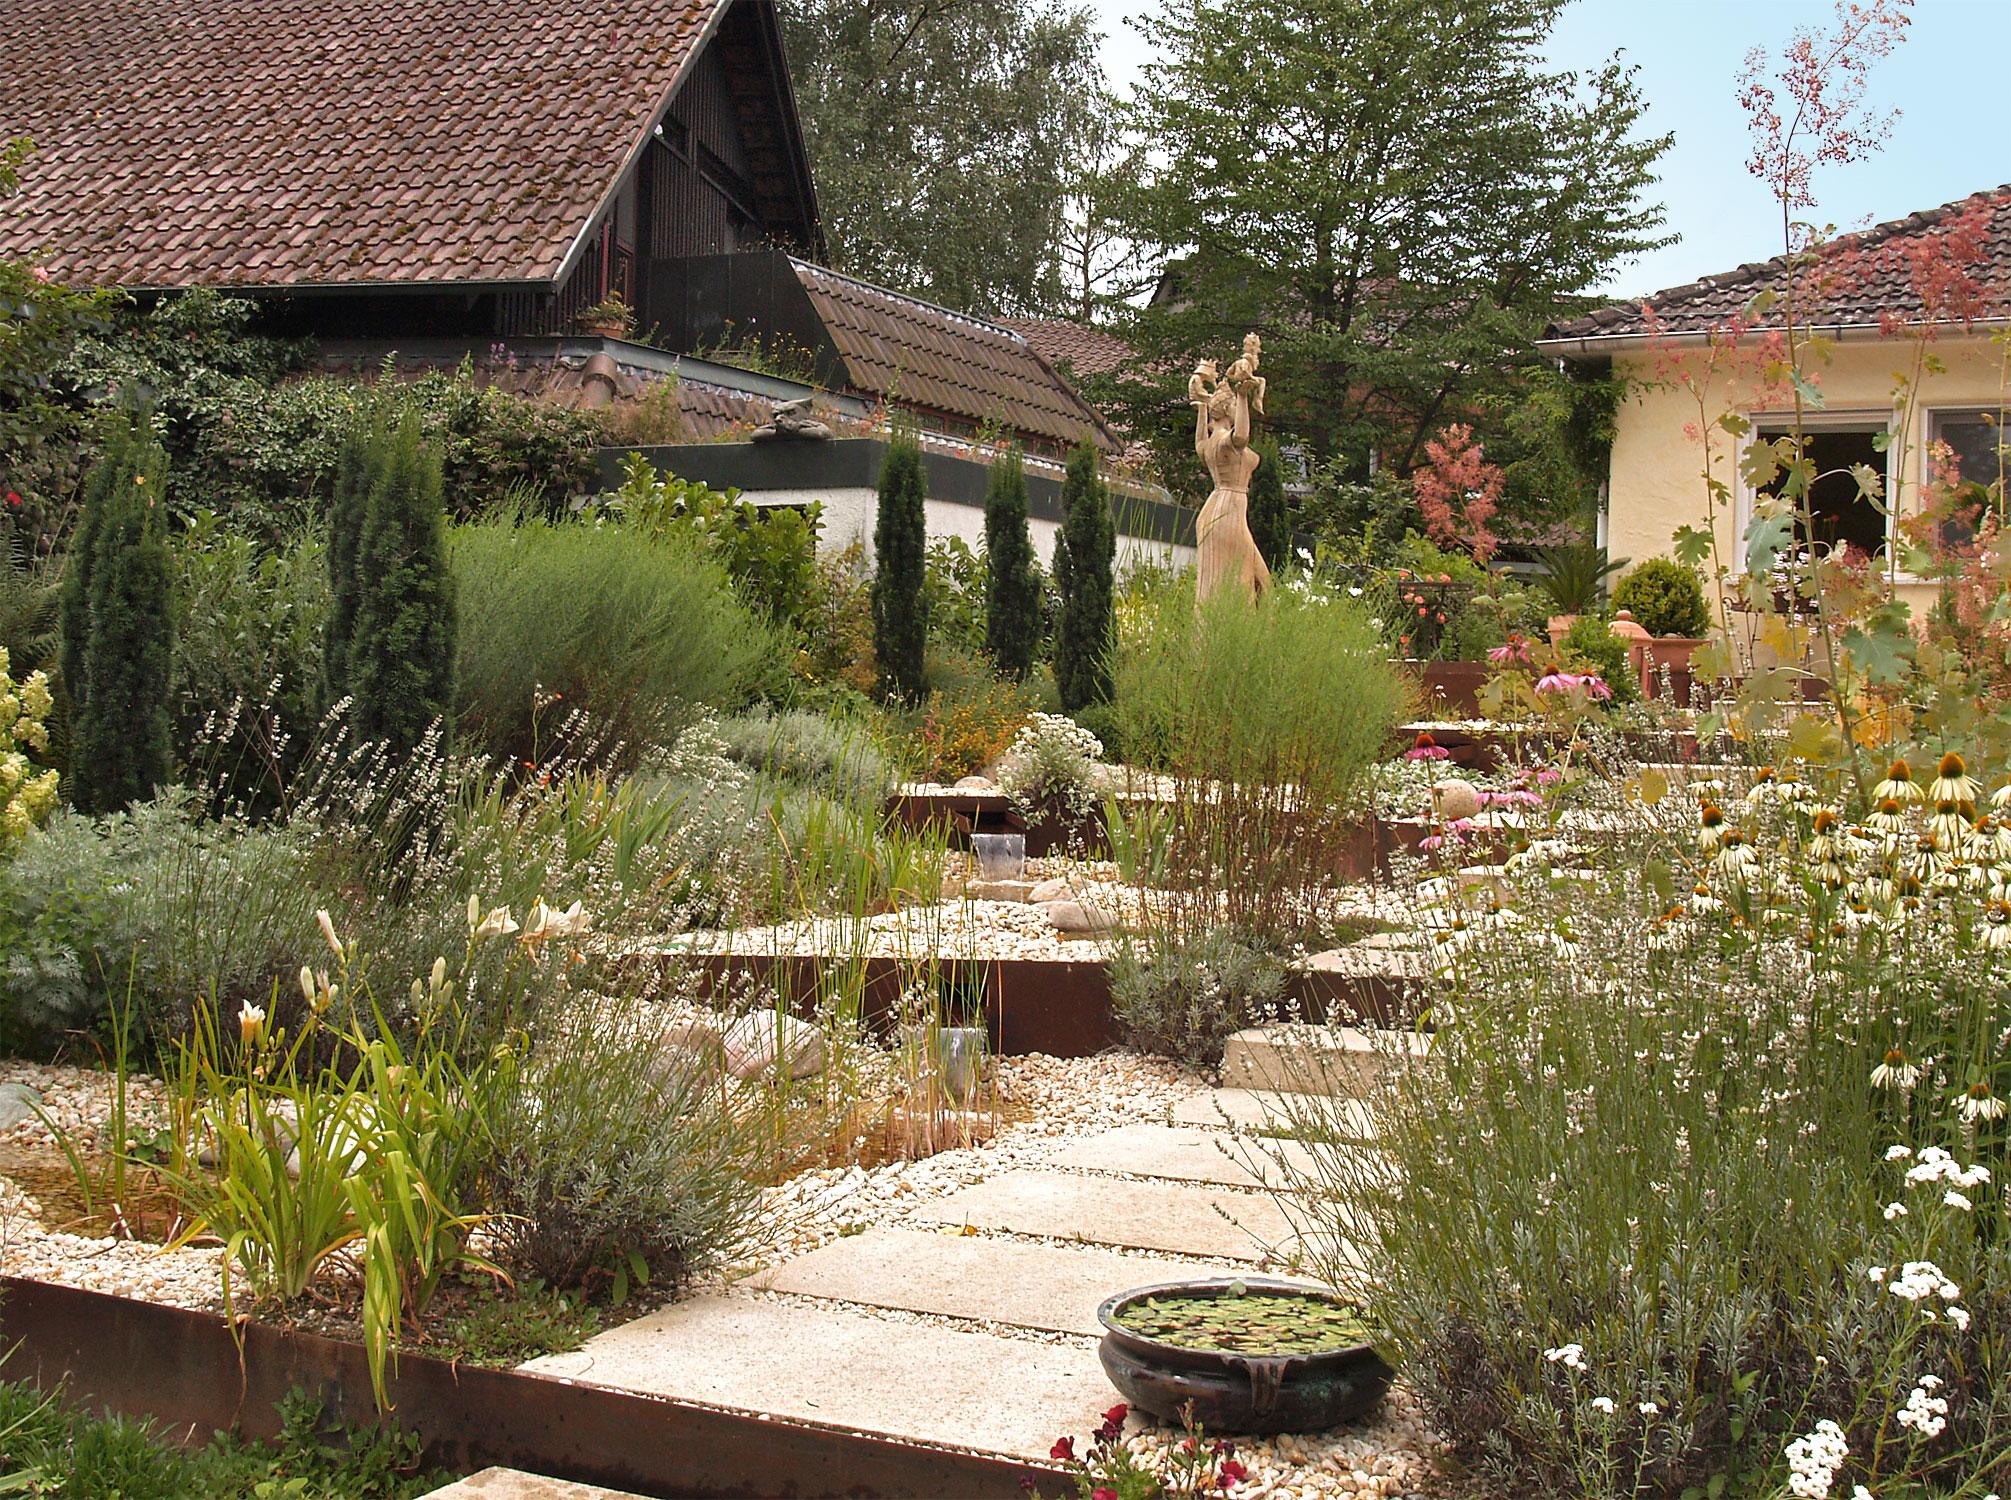 Garten Stauden ist perfekt design für ihr haus design ideen